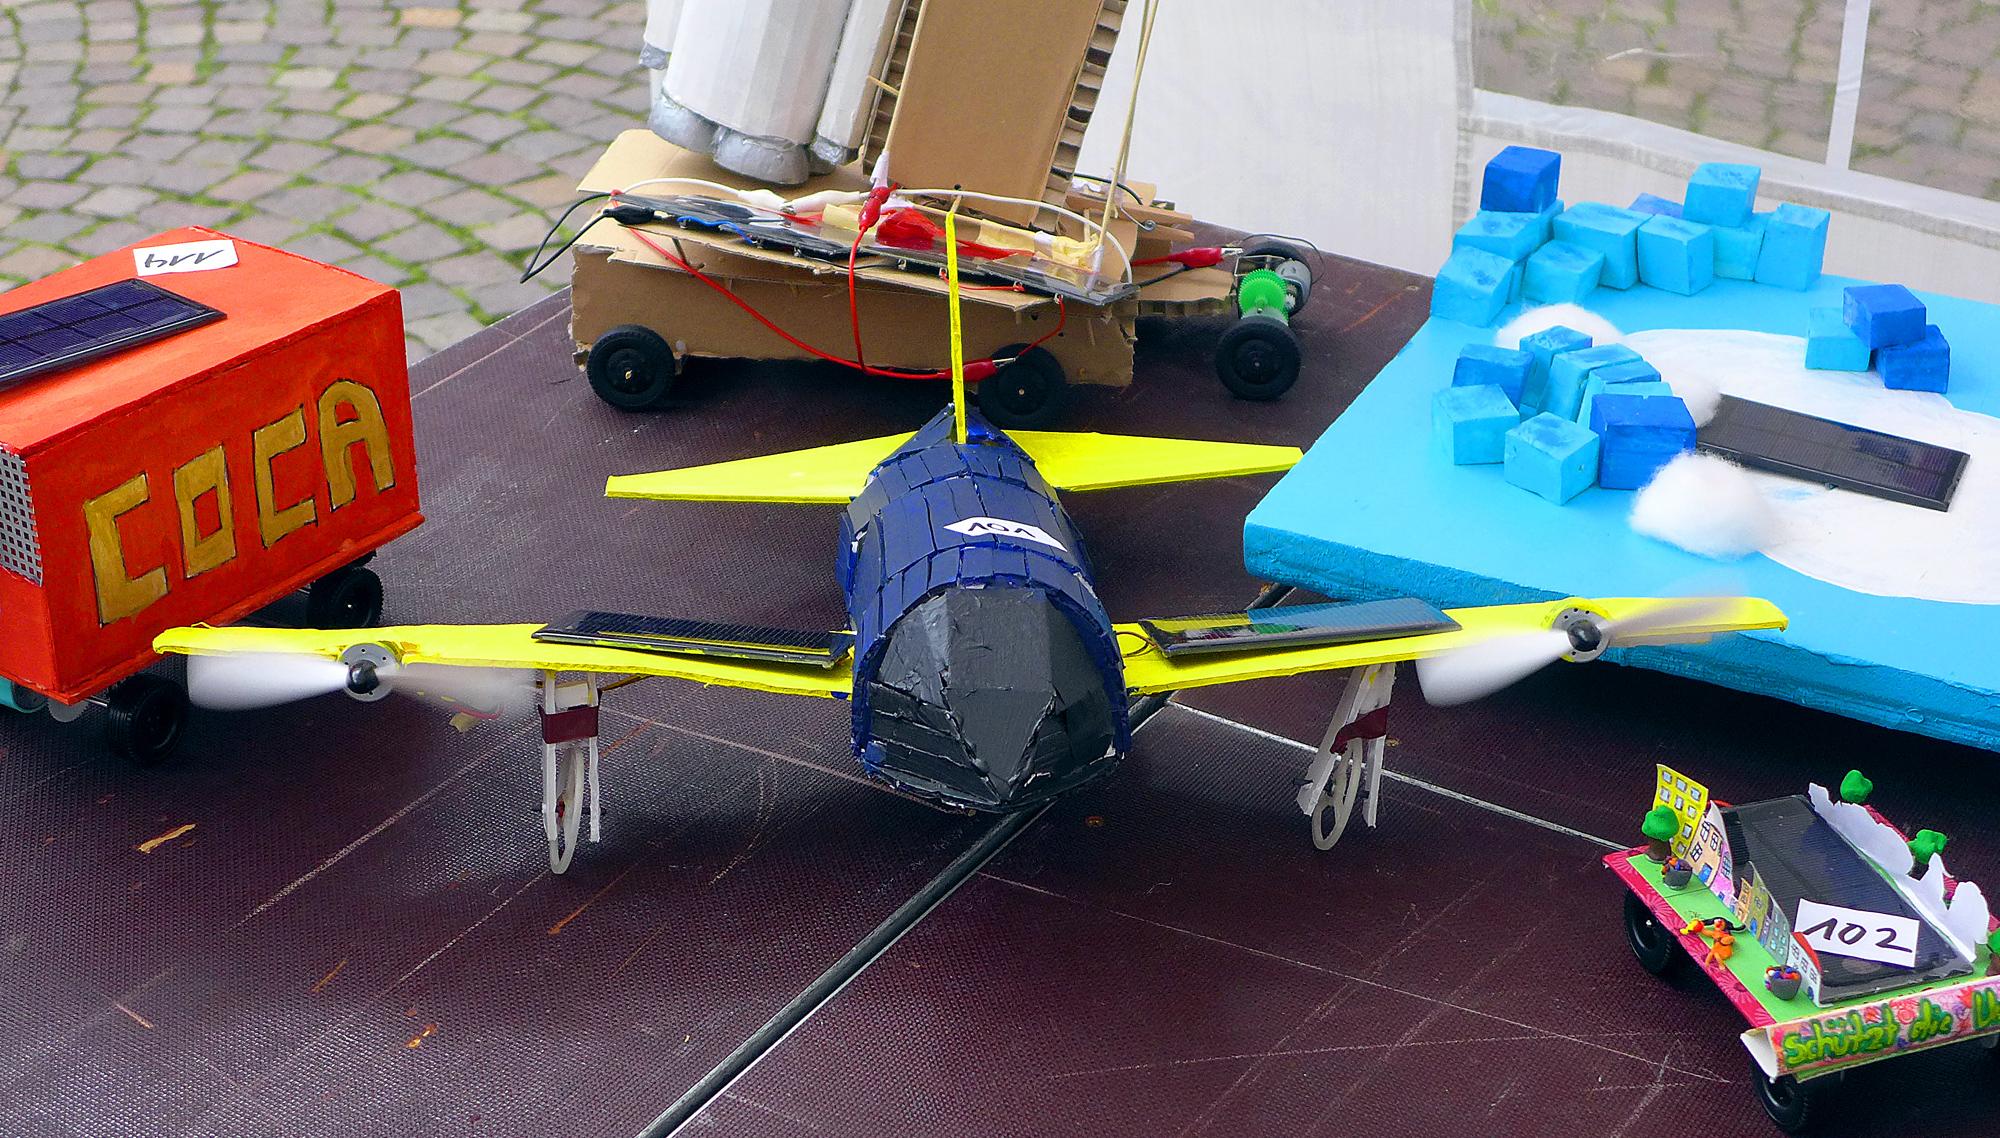 """Unermüdlich am Rotieren: Der """"Solarflieger 2006"""" von Paul Hruschka drehte seine Propeller unbeeindruckt vom Treiben auf dem Römerberg von der ersten bis zur letzten Sekunde. Das in den Farben der berühmten US-Navy-Kunstflugstaffel """"Blue Angels"""" gekleidete Flugzeug ist in Ultraleichtbauweise gefertigt und hat so leichtgängige Räder, dass es sich mit Propellerantrieb vorwärtsbewegt."""